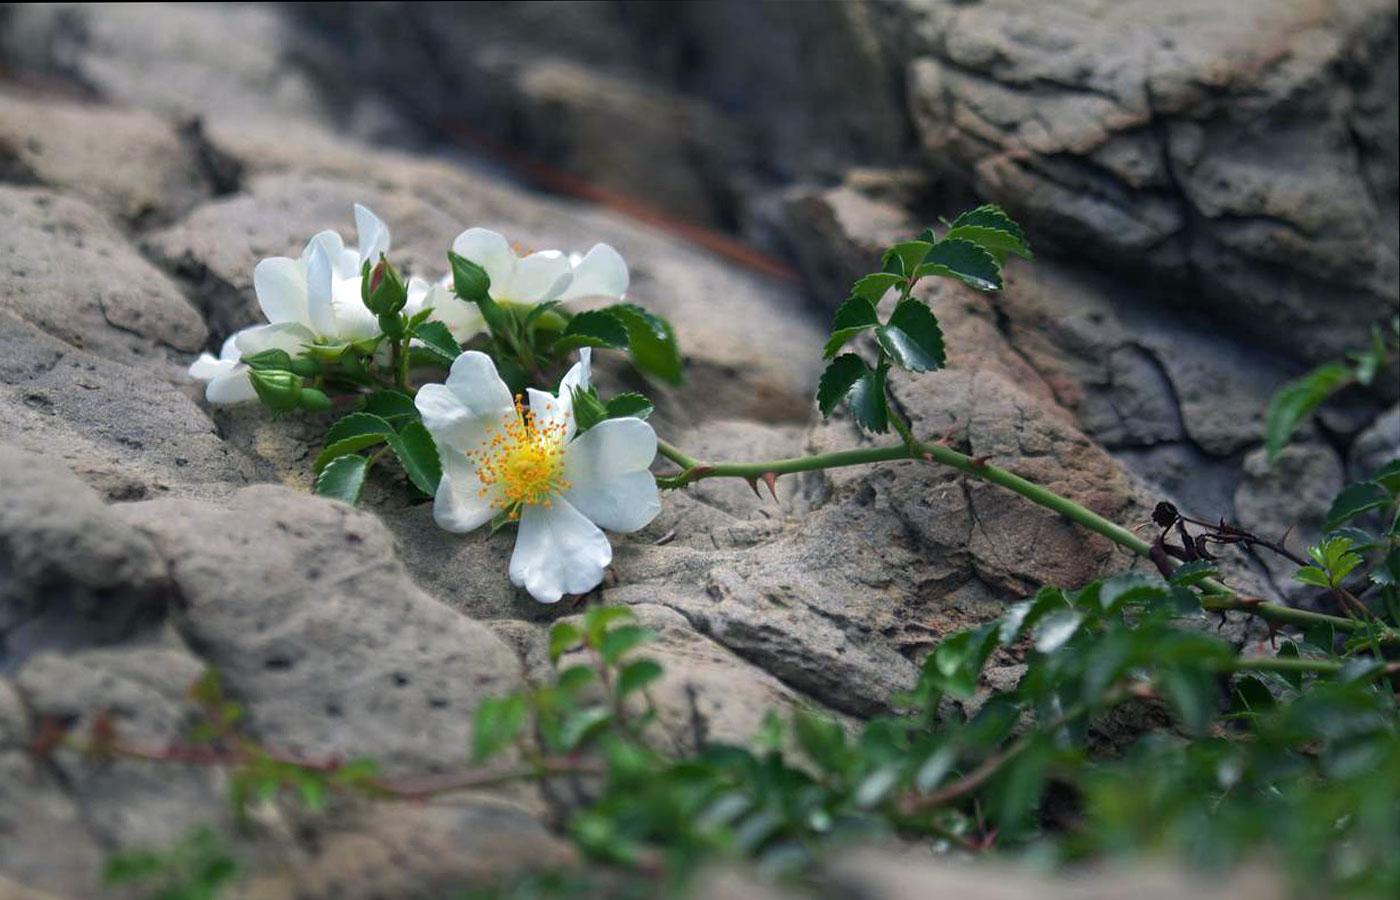 Foto ravvicinata dello stesso esemplare (dal sito www.wildplantsshimane.jp).